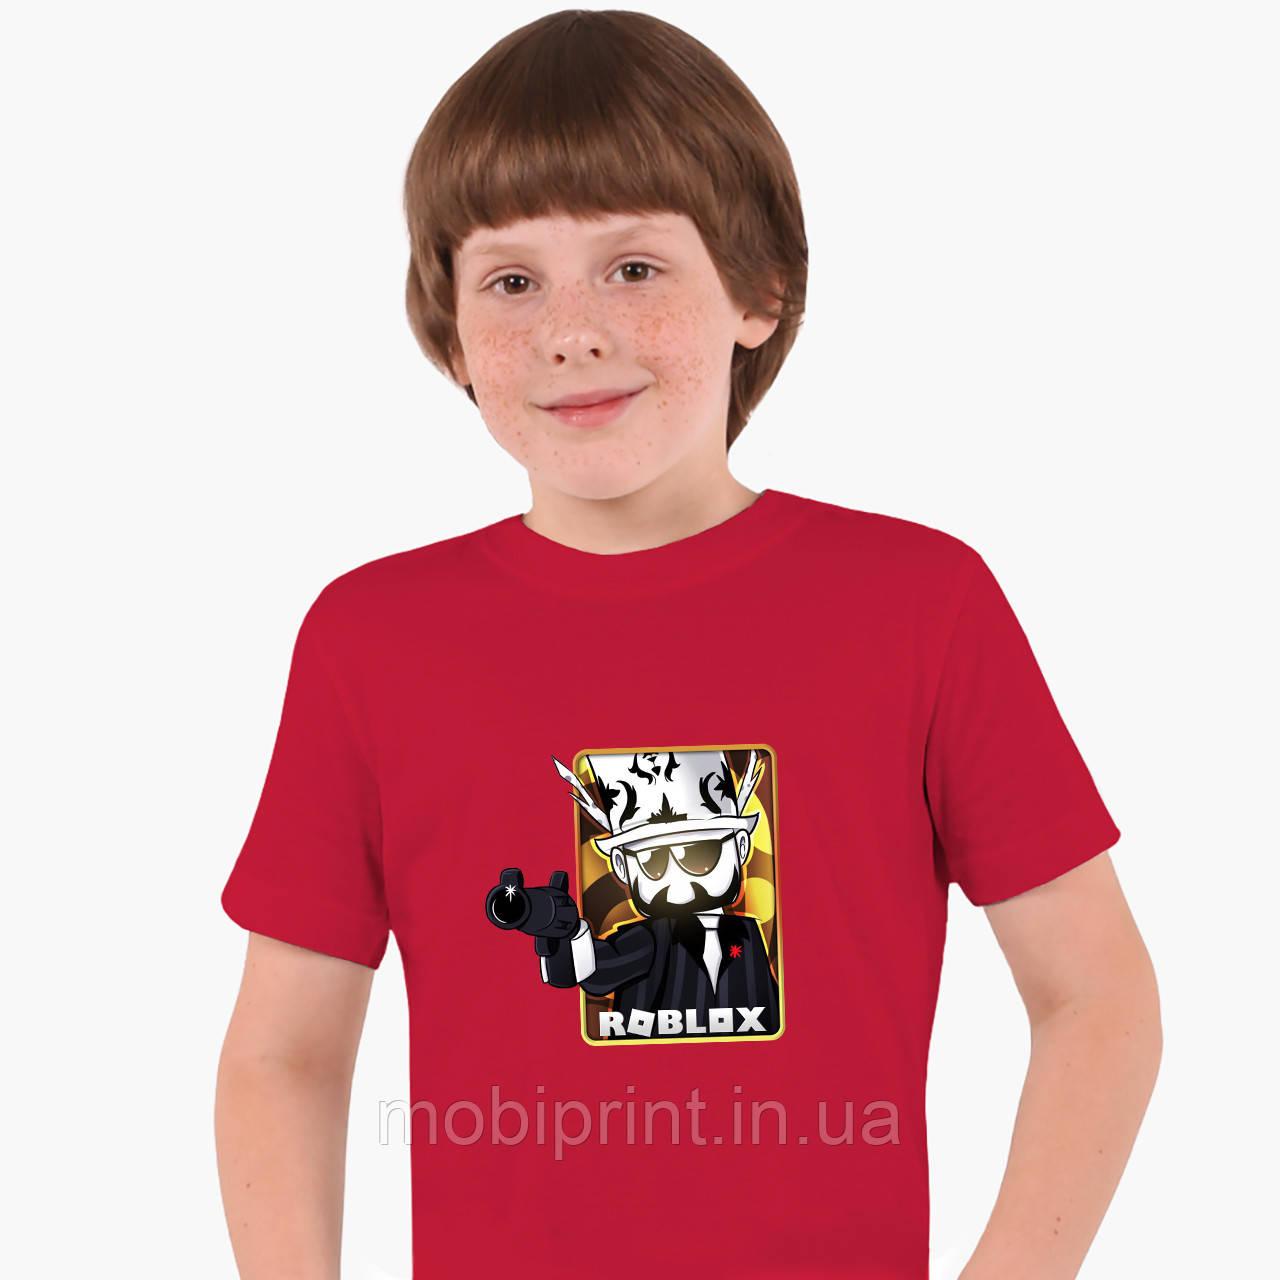 Детская футболка для мальчиков Роблокс (Roblox) (25186-1222) Красный